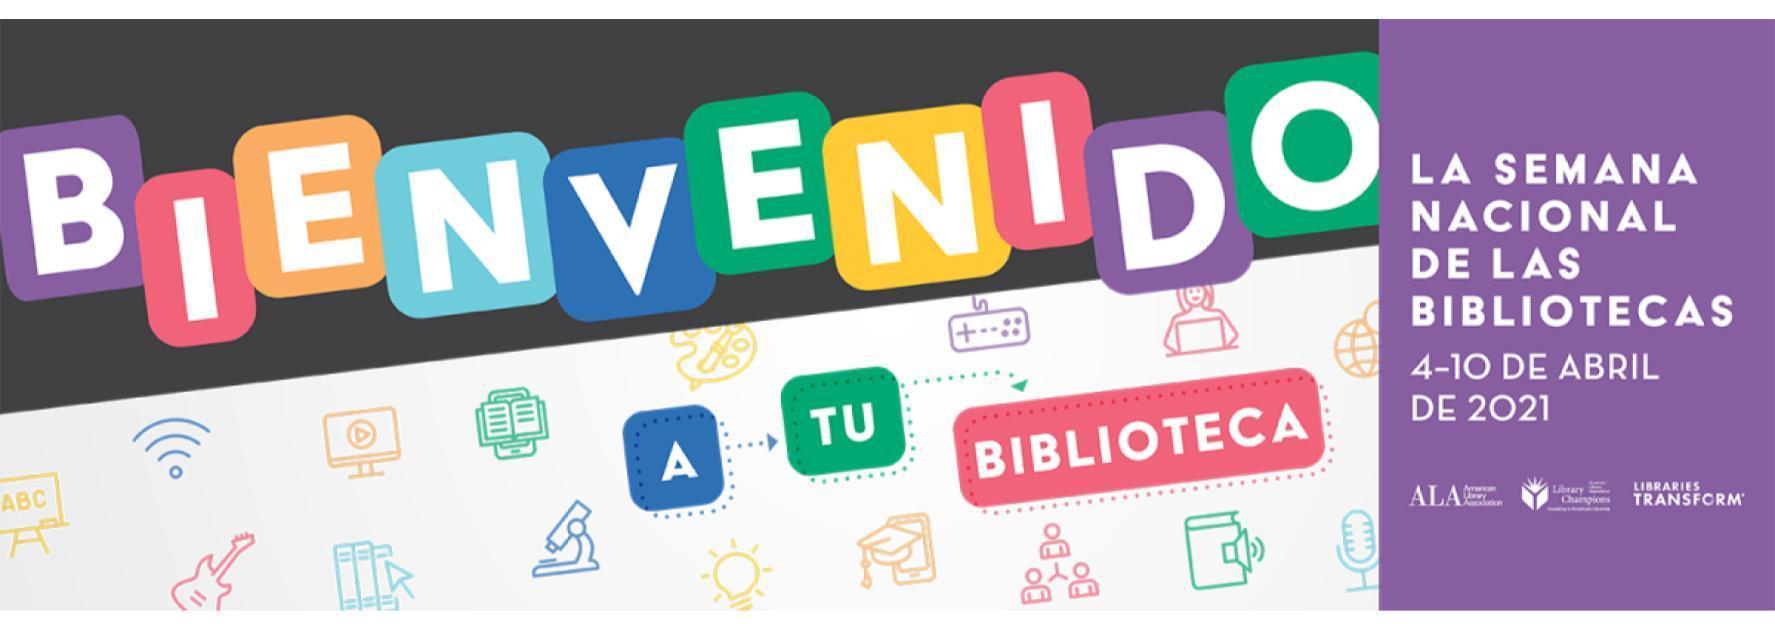 Bienvenido a su biblioteca con la Semana Nacional de la Biblioteca del 4 al 10 de abril de 2021